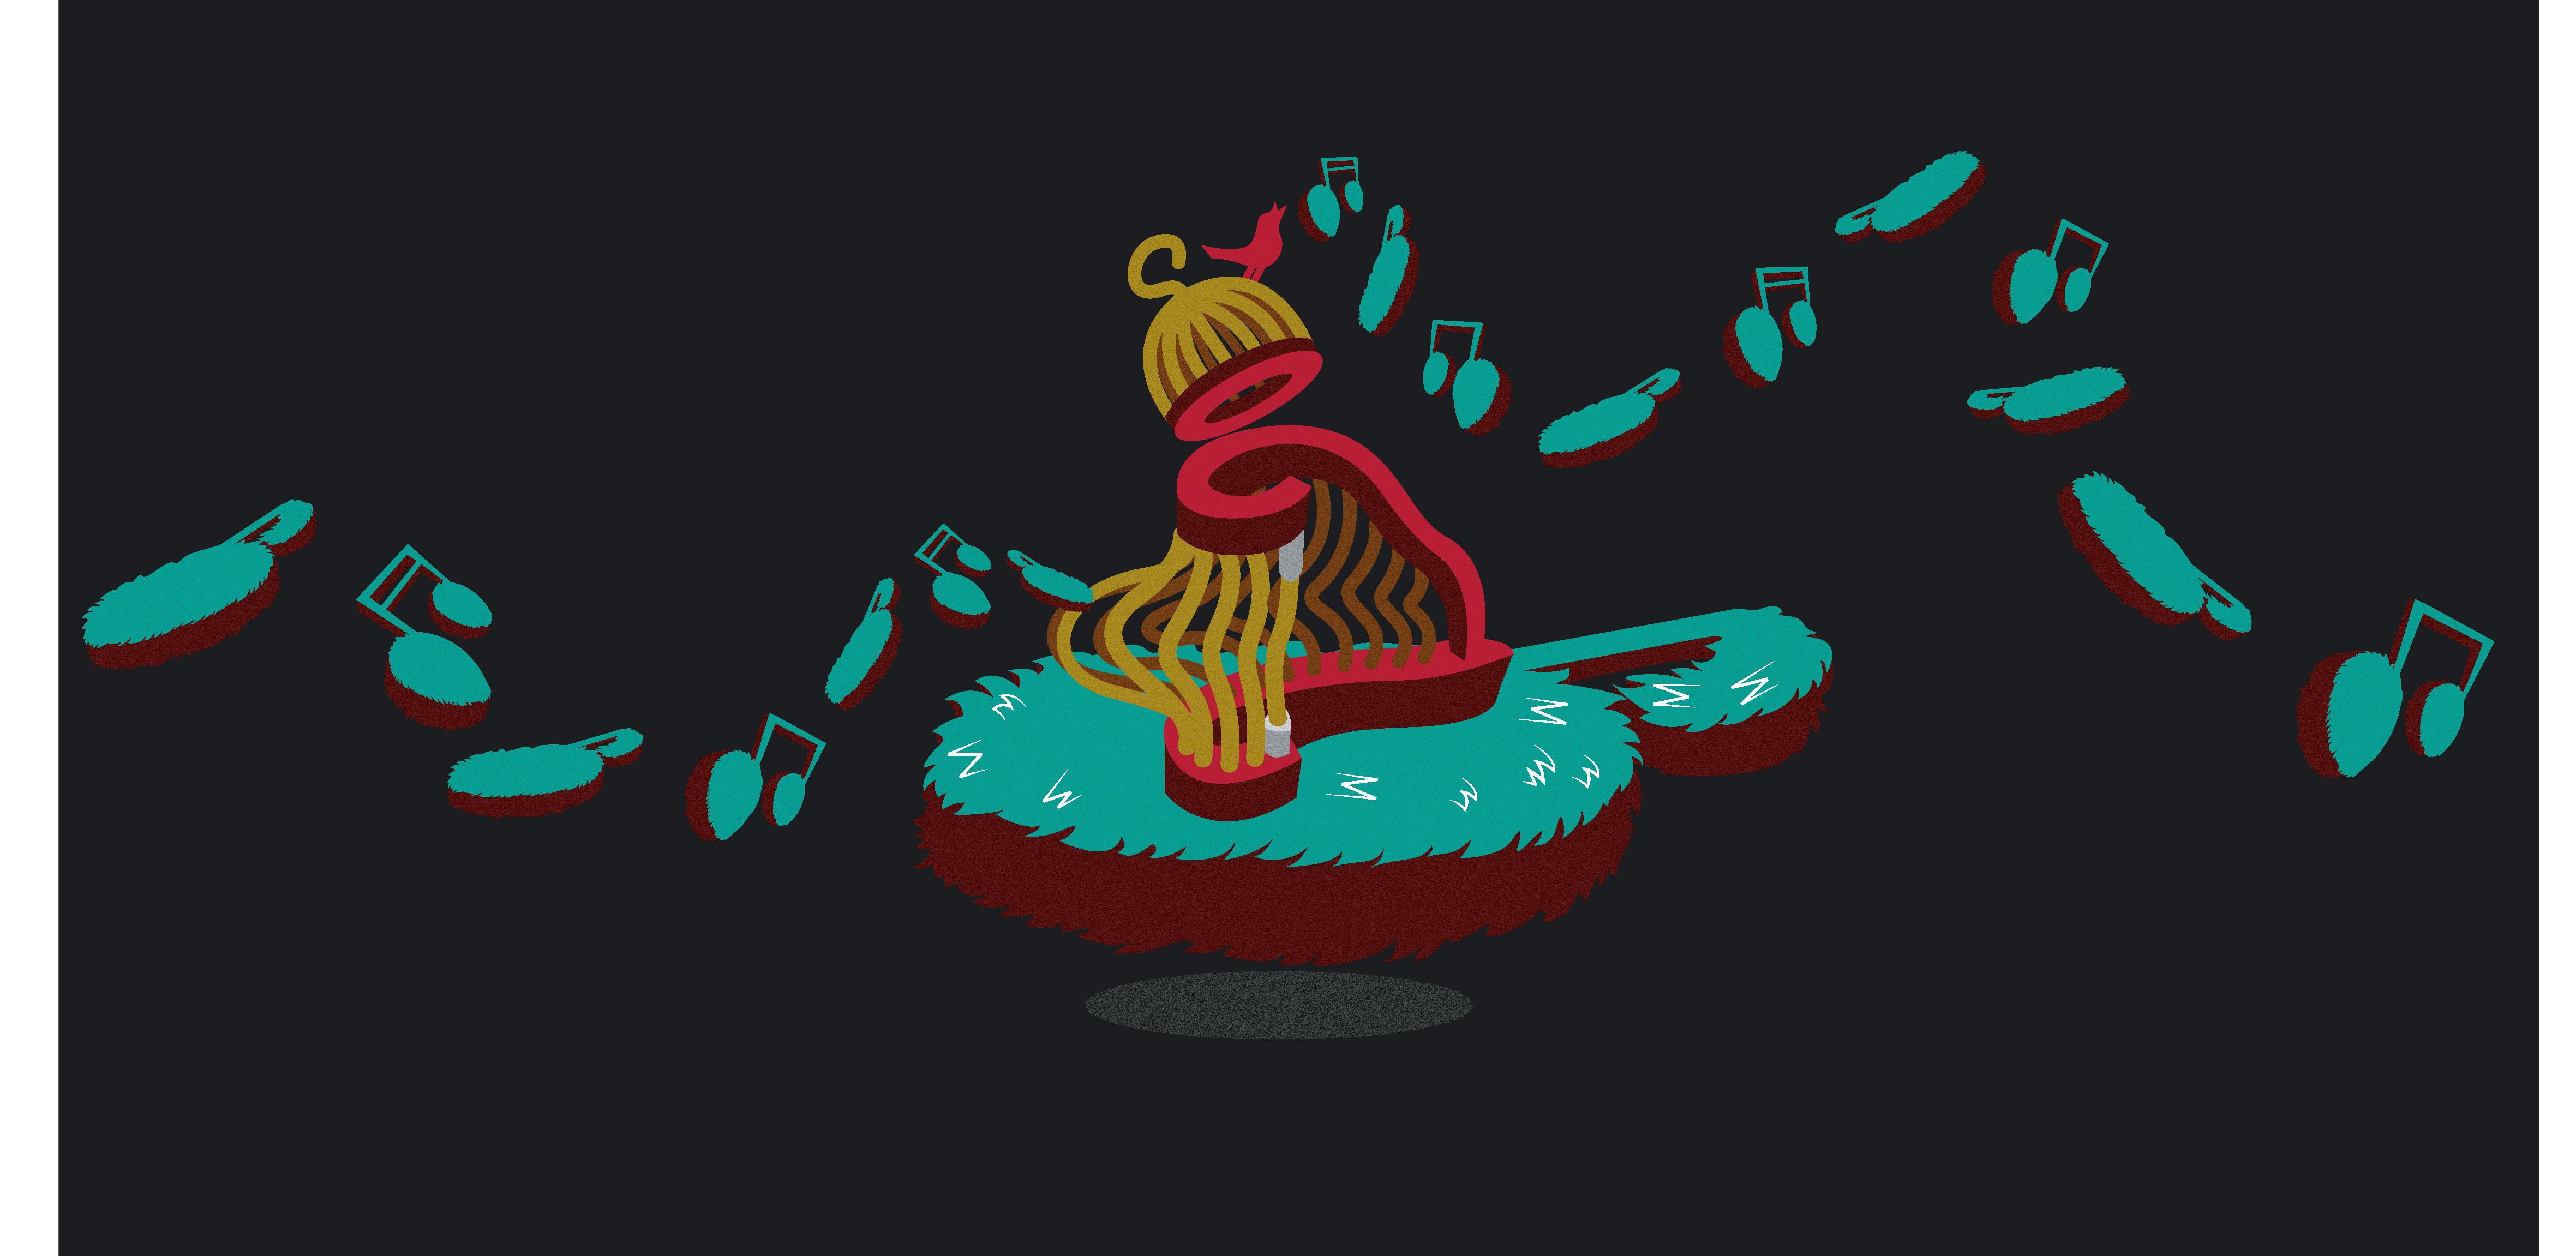 鸟笼打开变成了北欧的乐器里拉琴,小鸟图片